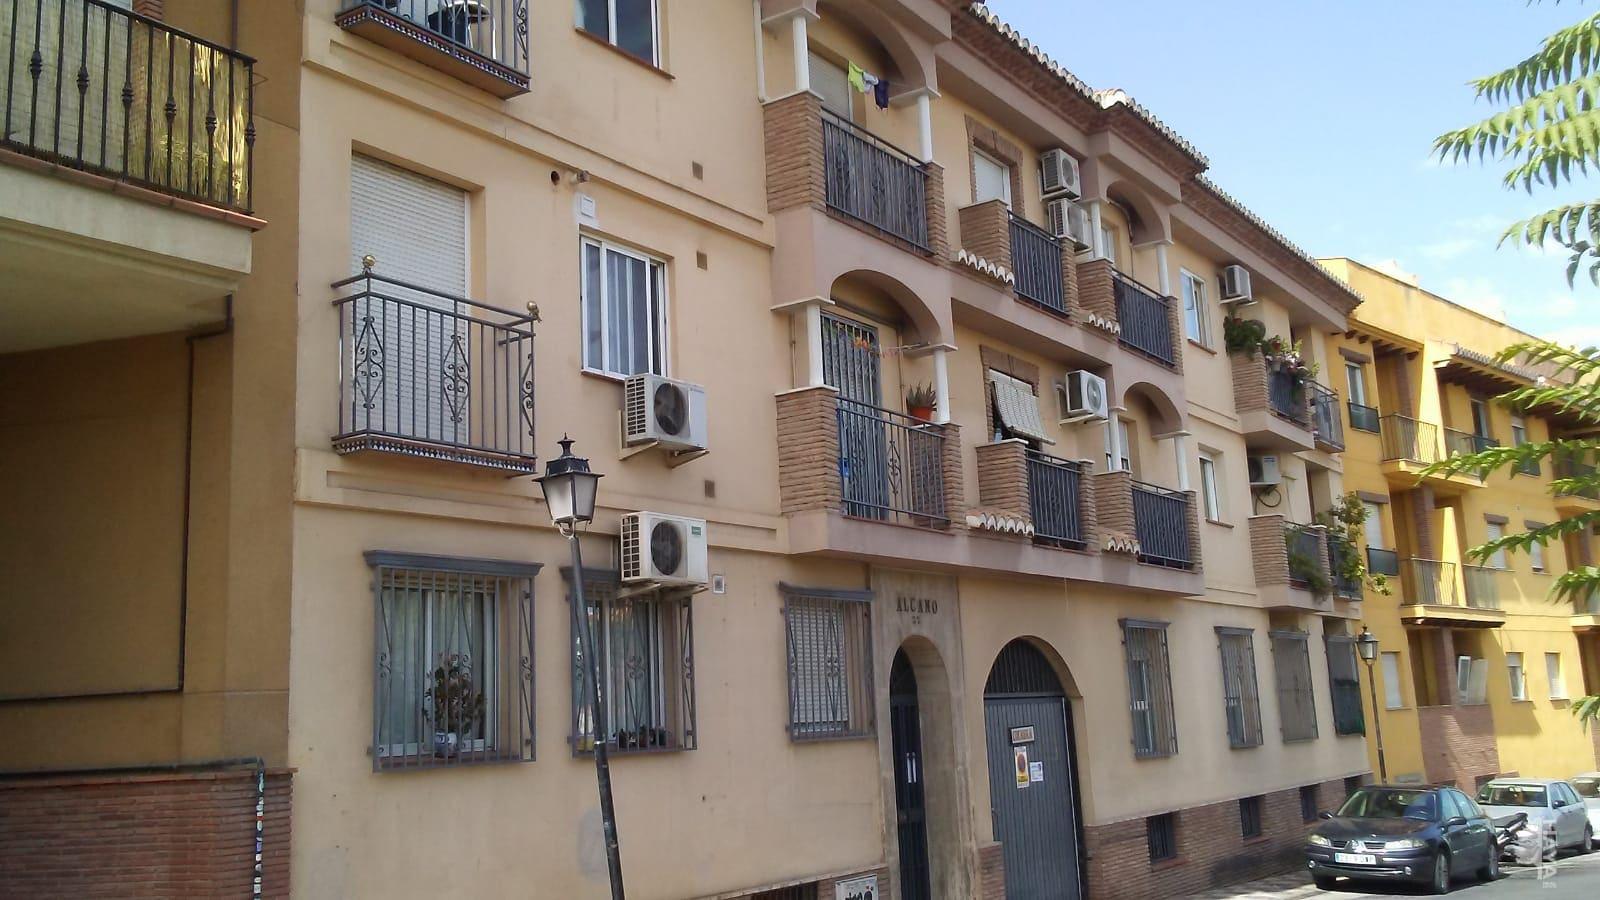 Piso en venta en La Zubia, Granada, Avenida Sol, 69.000 €, 2 habitaciones, 1 baño, 75 m2